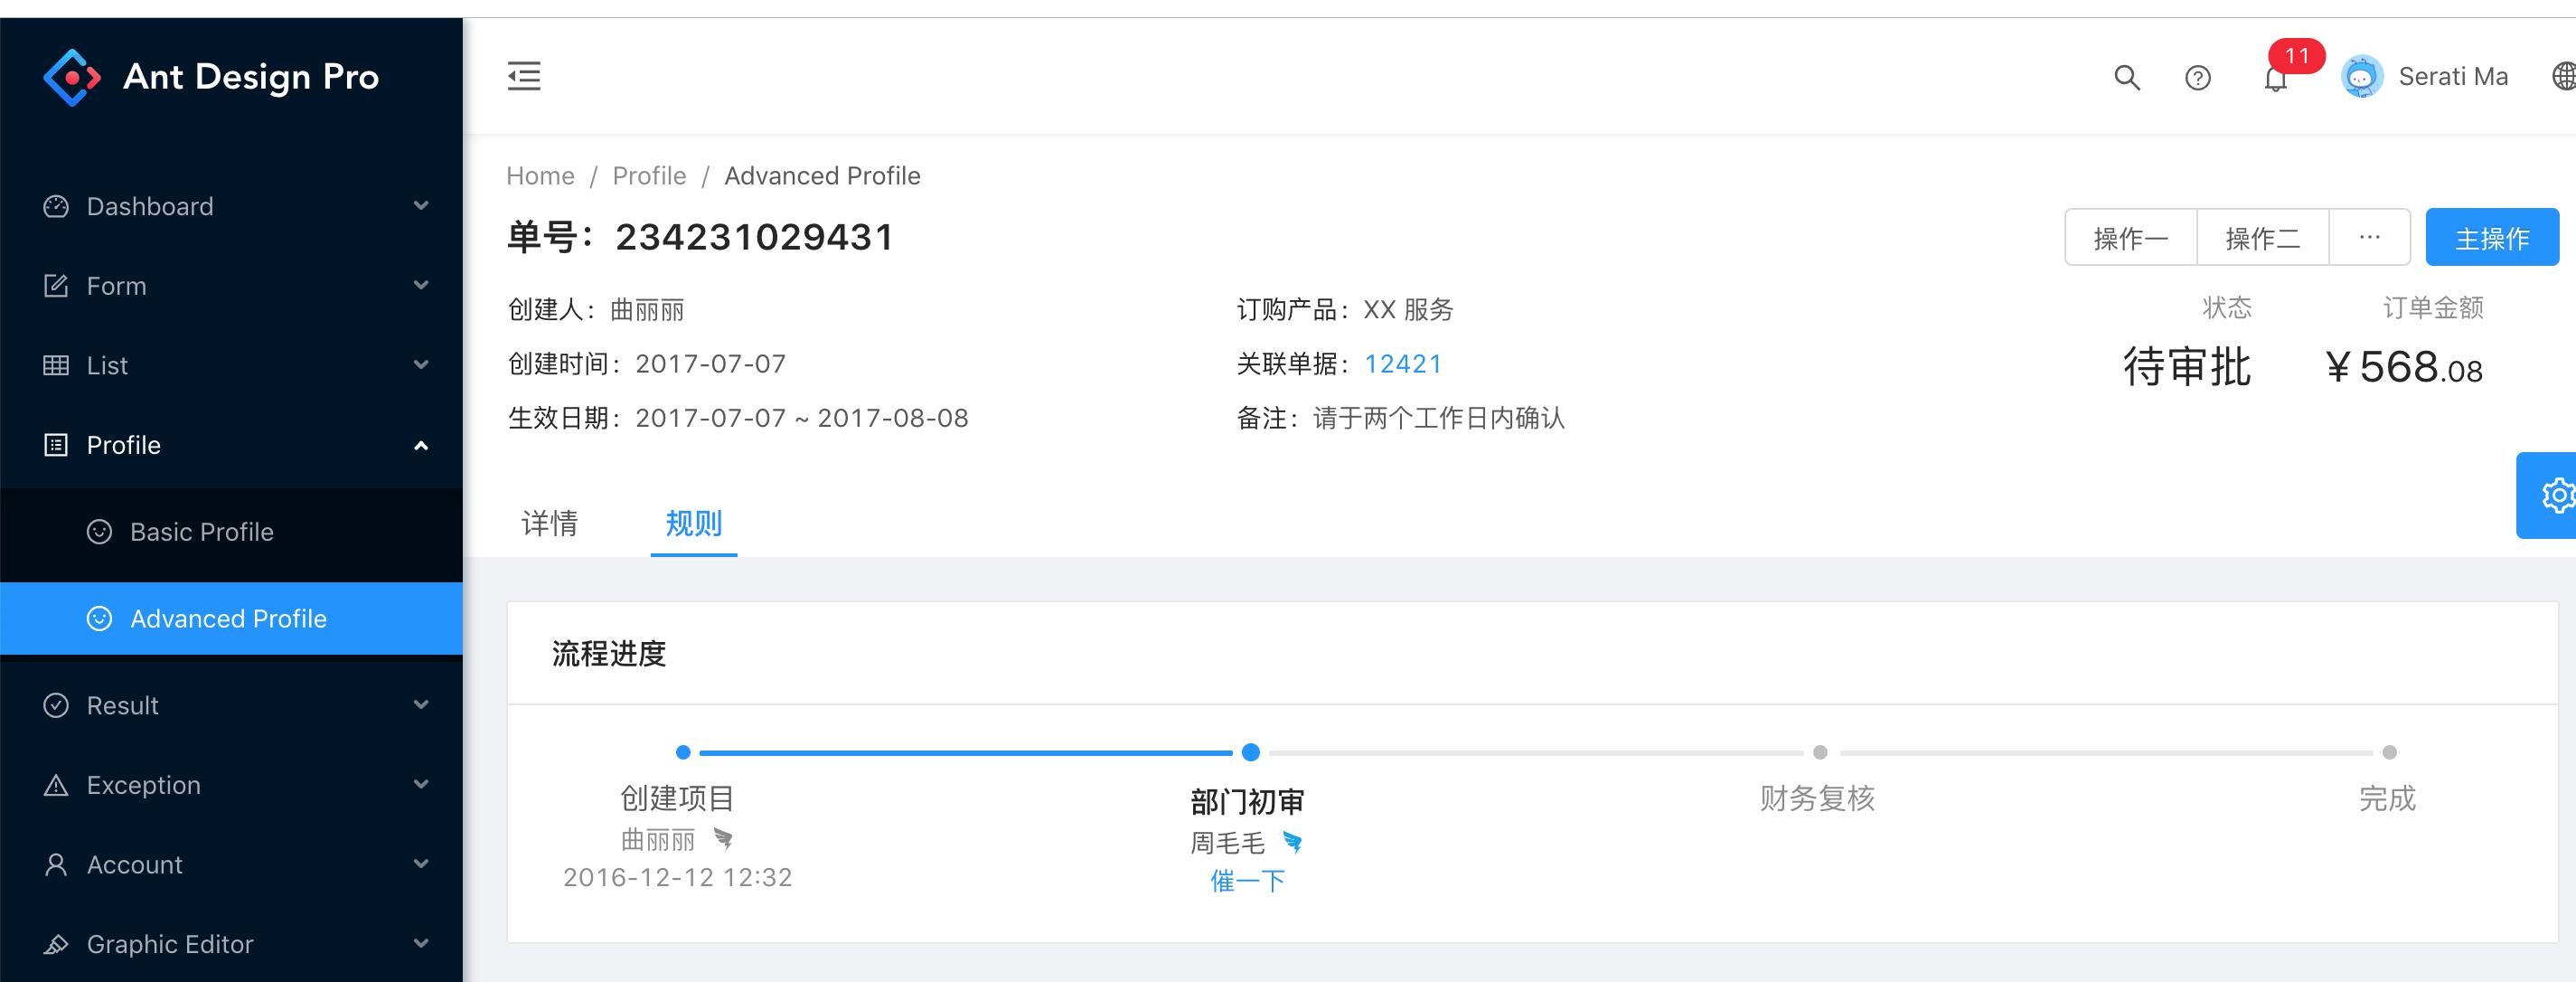 Screenshot 2019-11-03 at 11 55 41